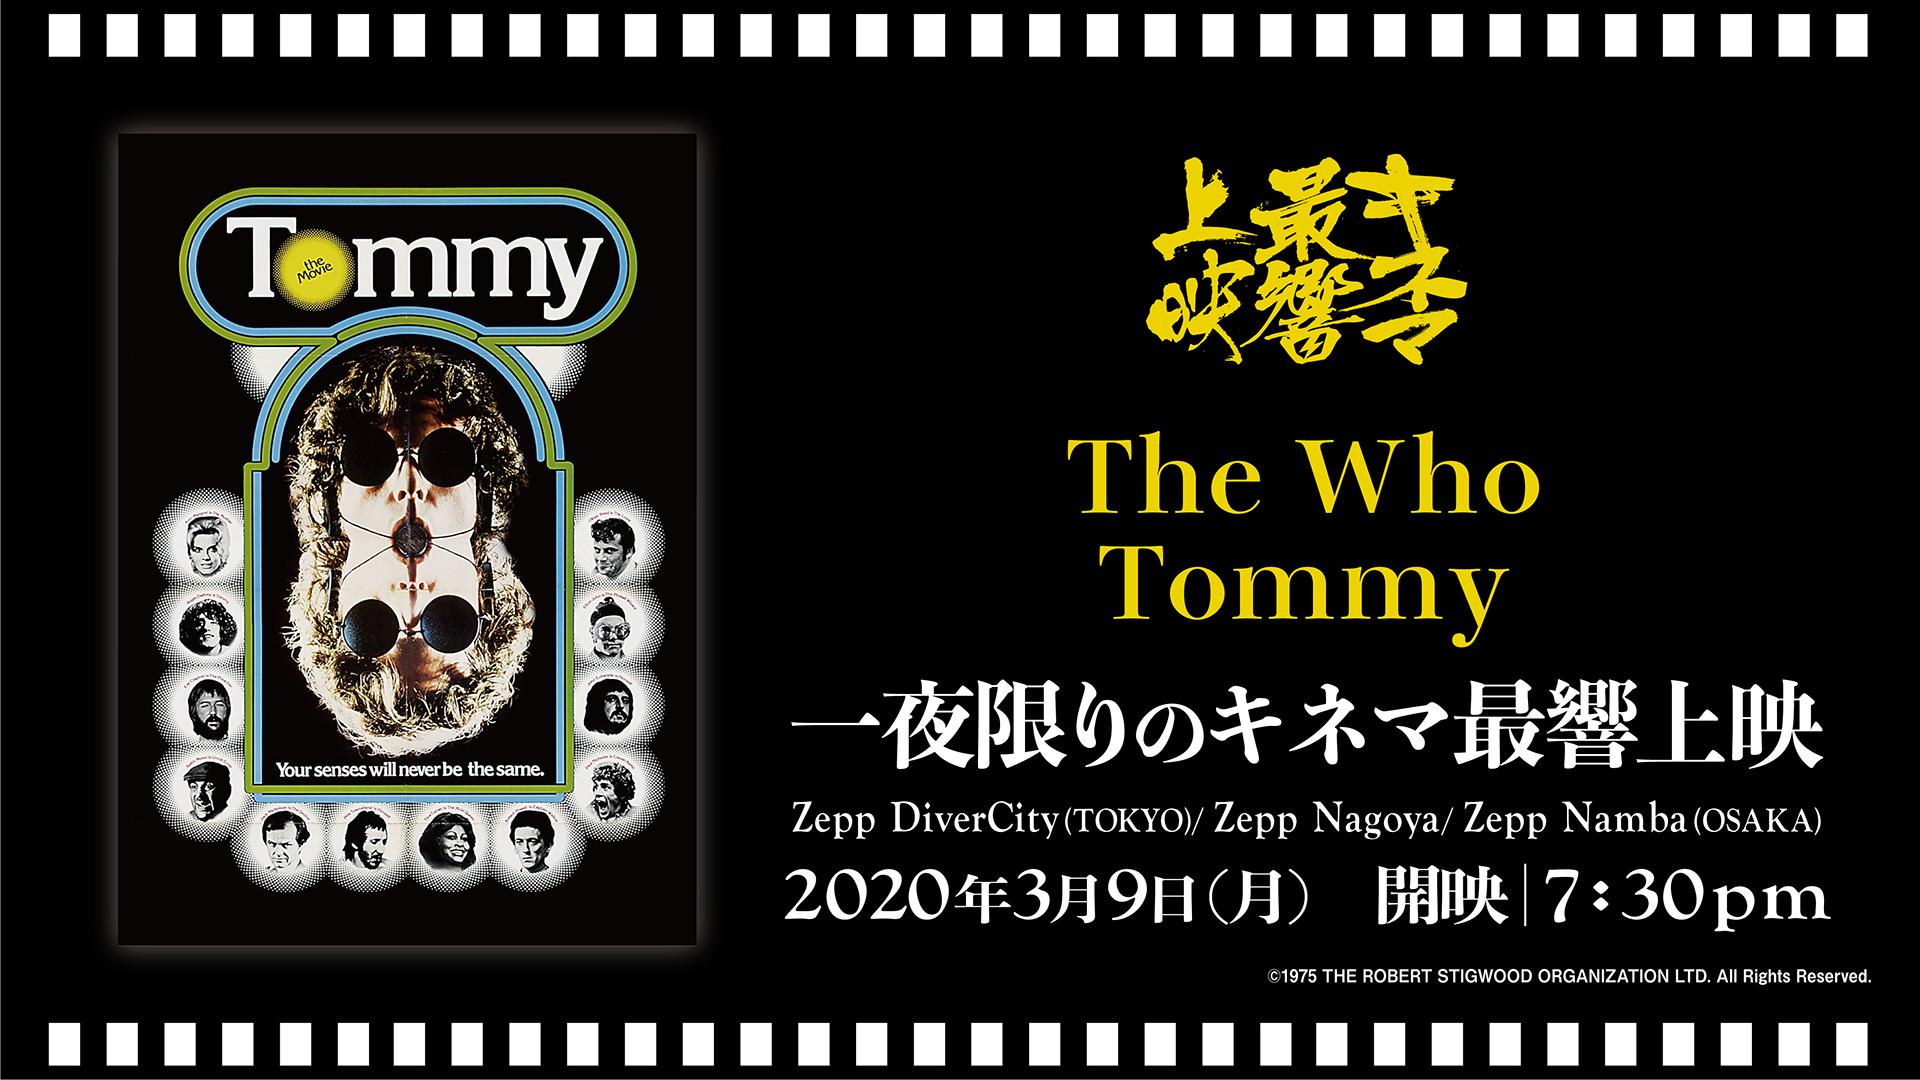 【キネマ最響上映】世界初公開から45周年記念! ザ・フーのロック・オペラ映画 『トミー』ライヴハウス上映、東・名・阪の各会場ペアで5組、合計30名様ご招待!【プレゼント】